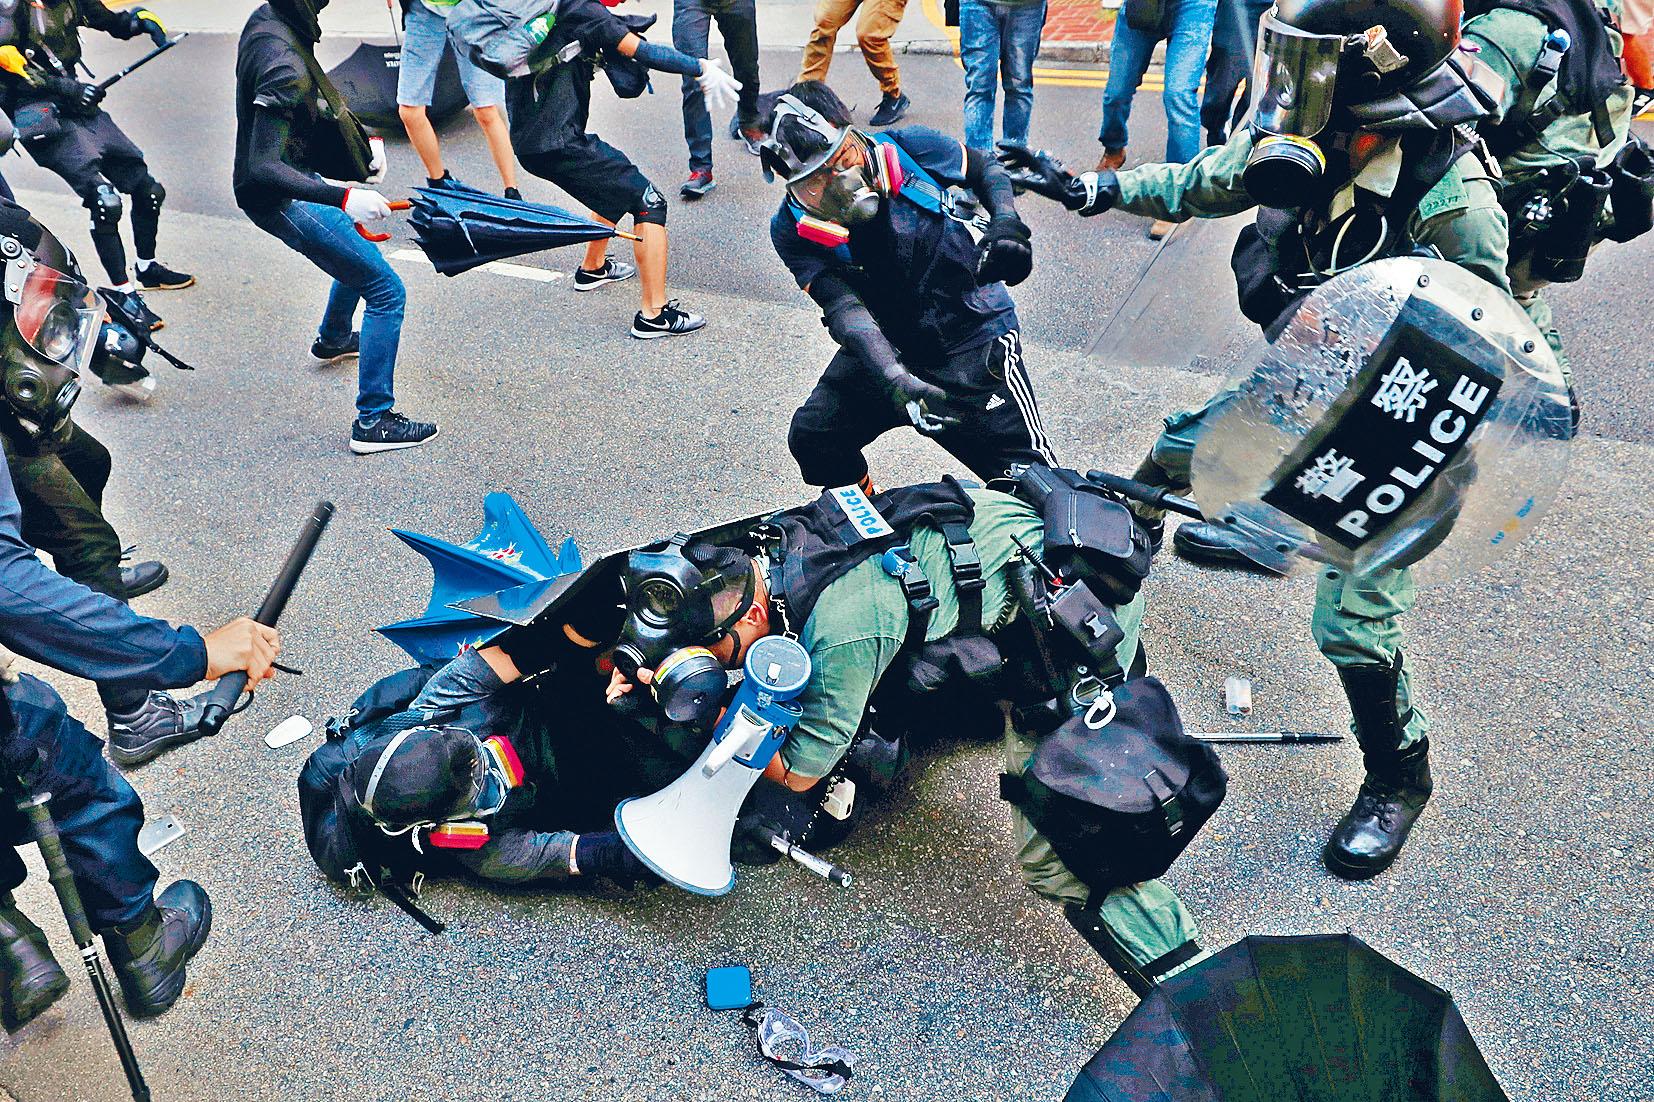 一名示威者圖趁防暴警拉人時,圖從後搶槍(紅圈示),幸及時遭制止。路透社